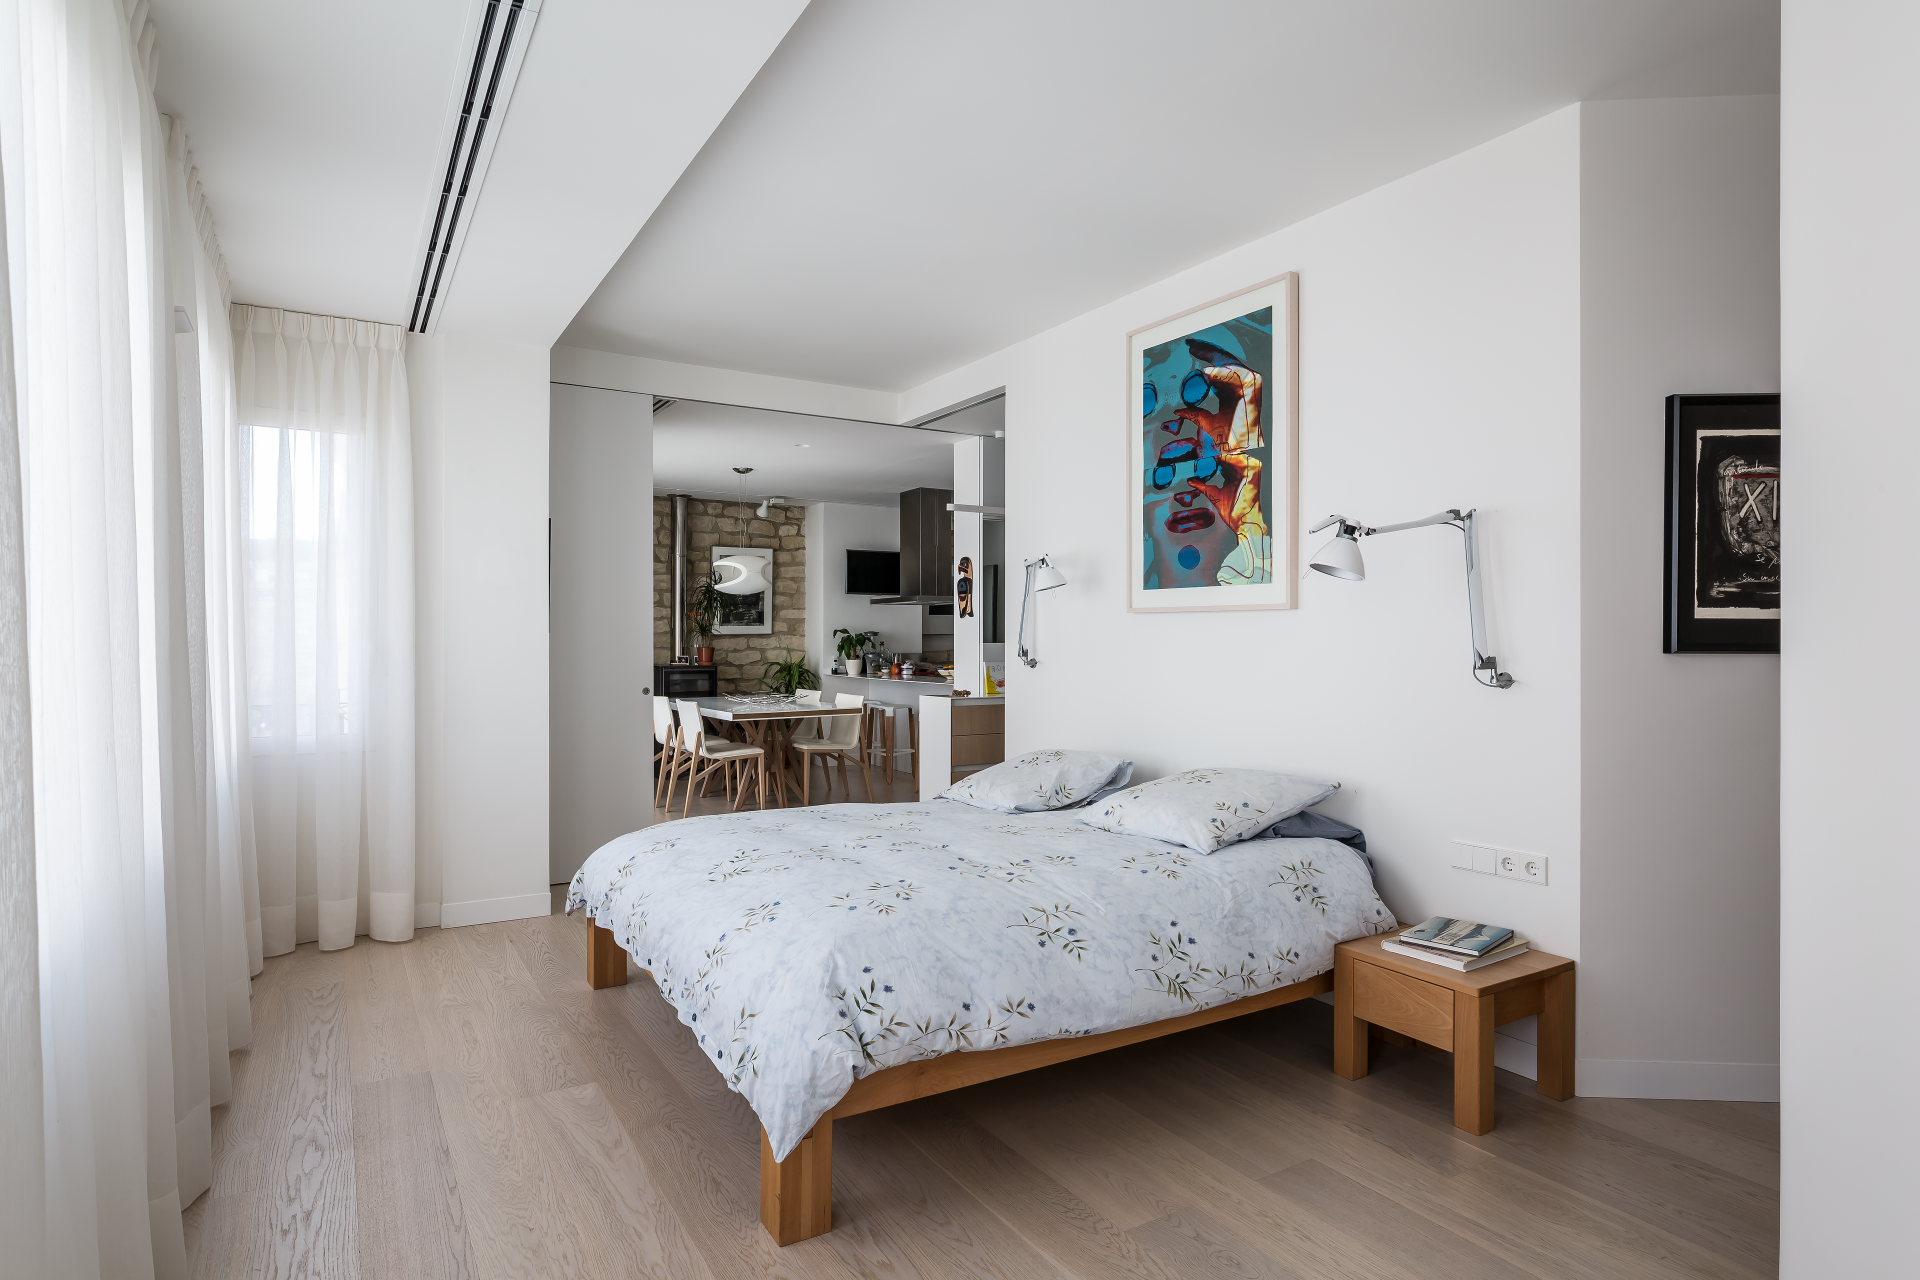 fotografia-arquitectura-valencia-german-cabo-selecta-home-alicante (18)